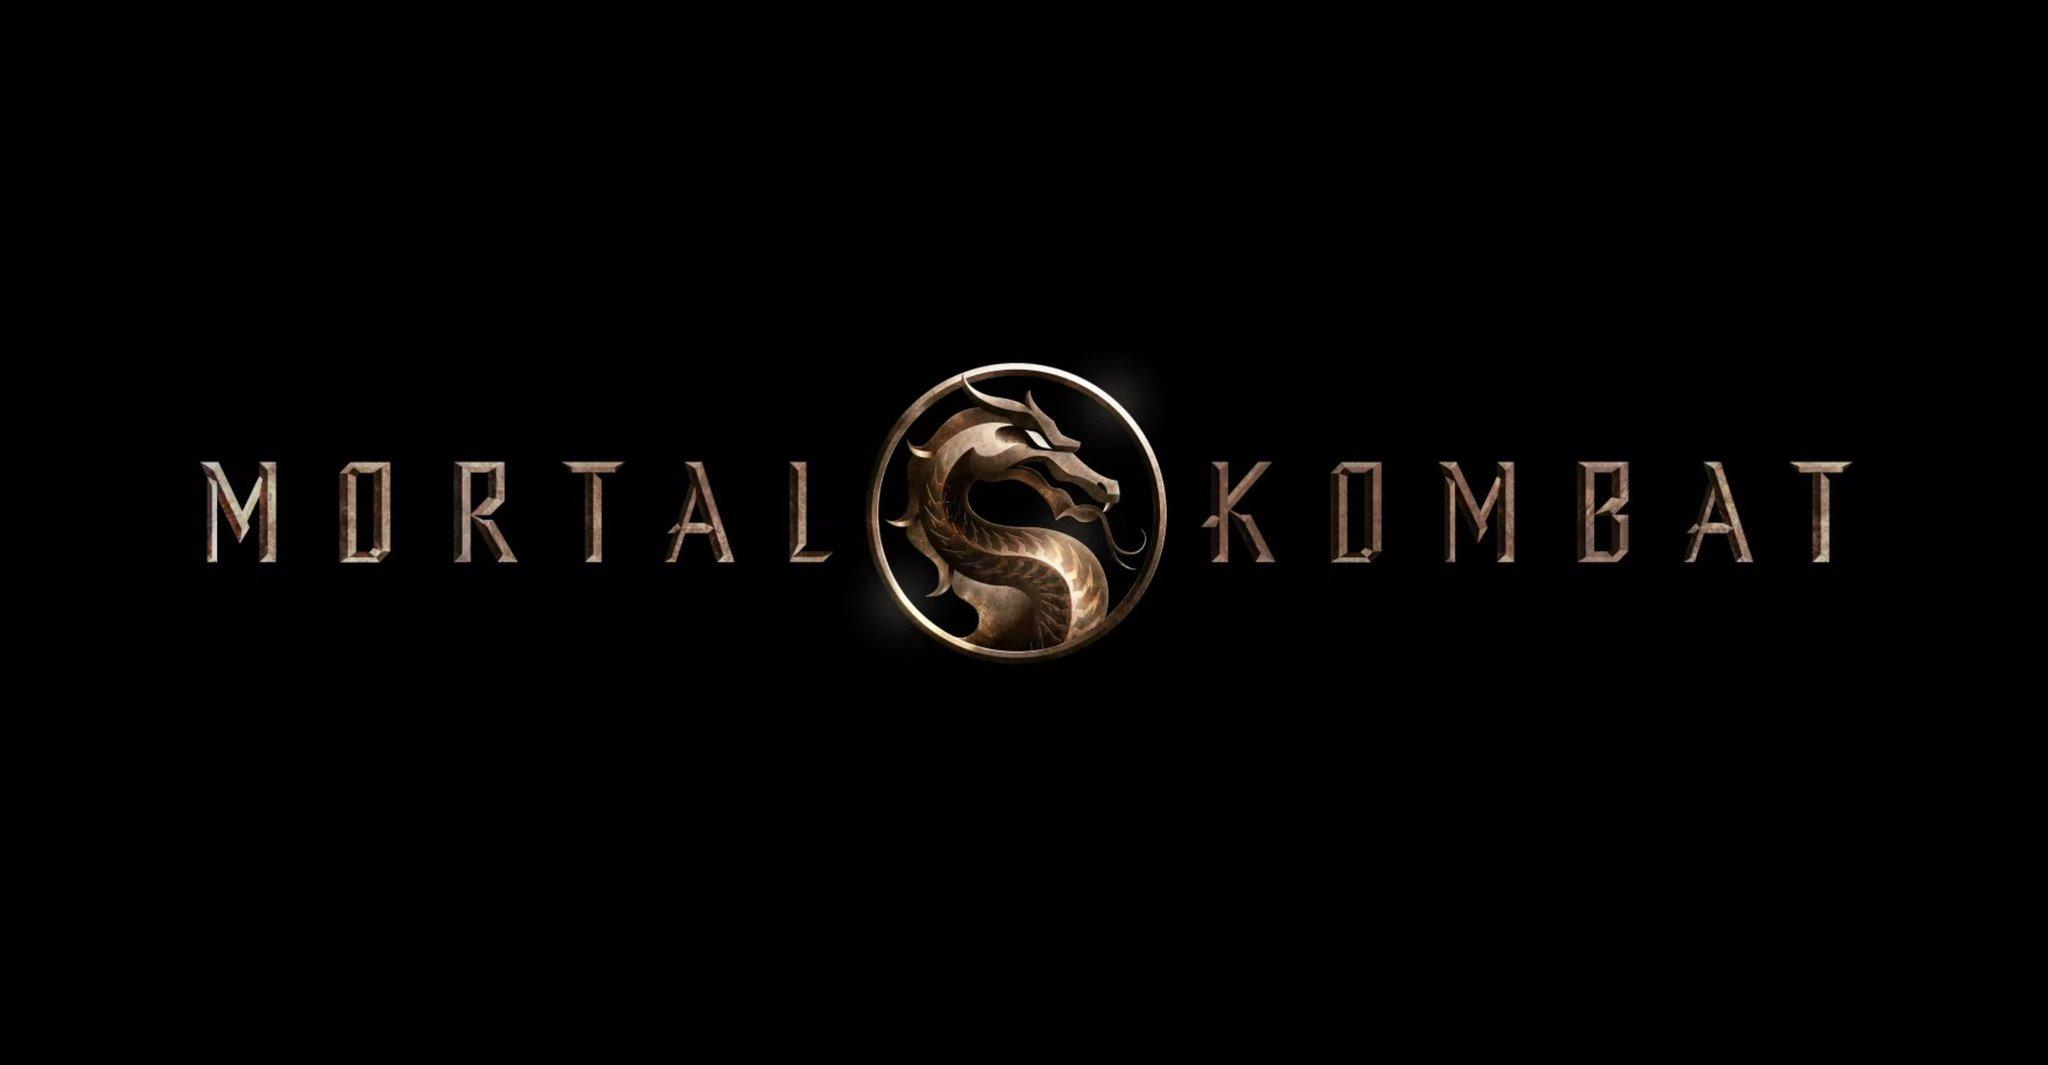 《真人快打》电影logo释出 影院和HBO同时上映